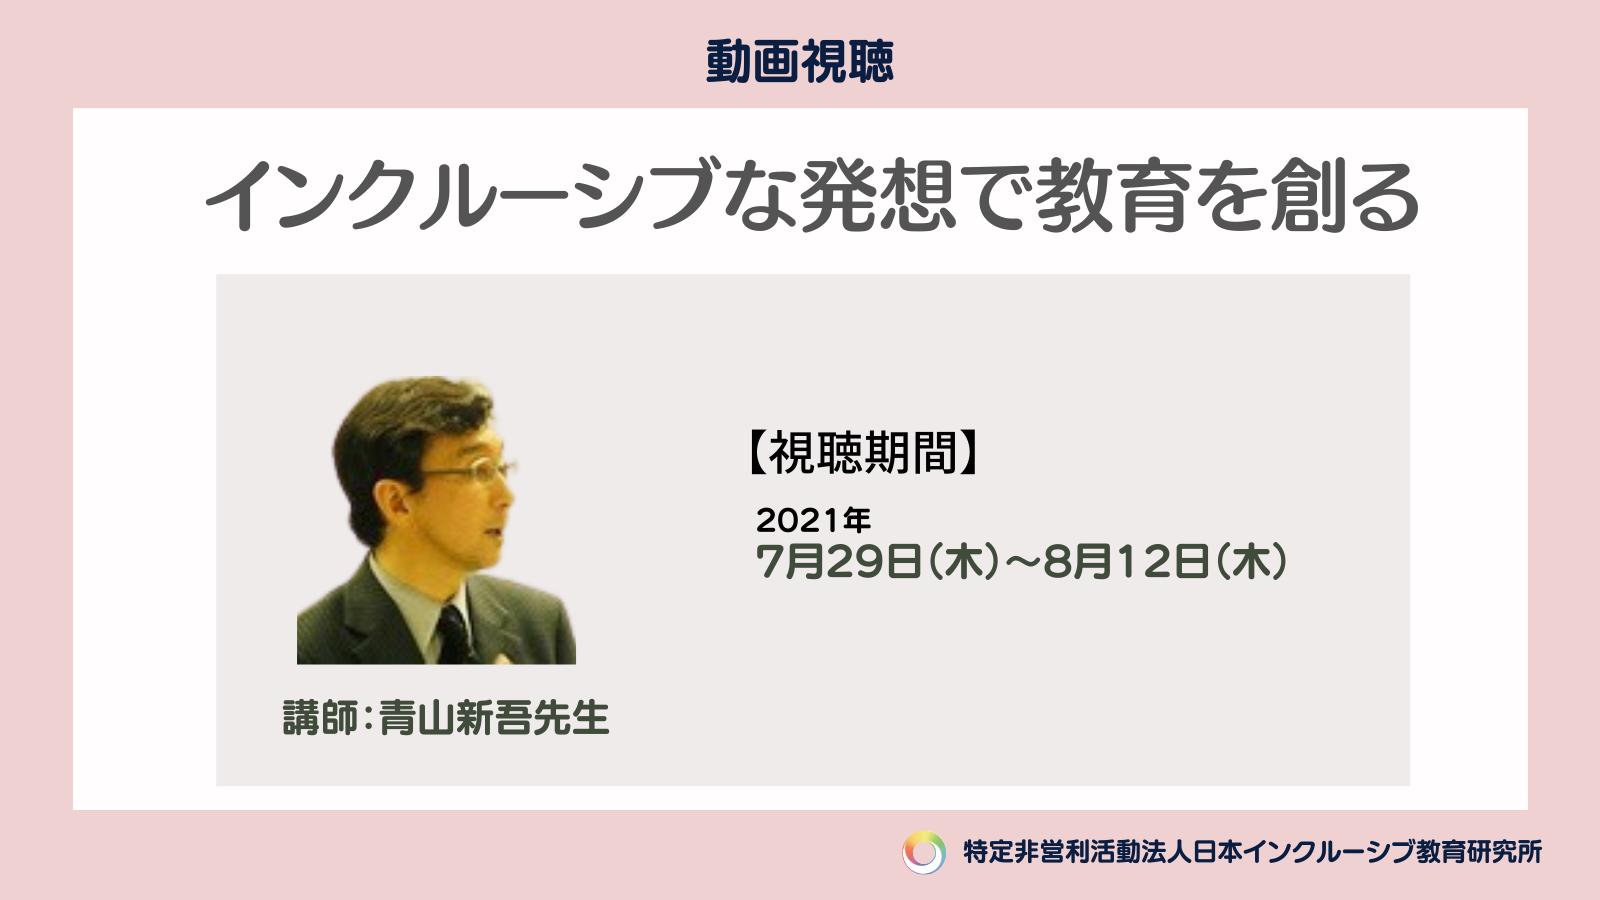 【公開講座5】学習・発達支援員養成講座  7/29~8/12 動画視聴